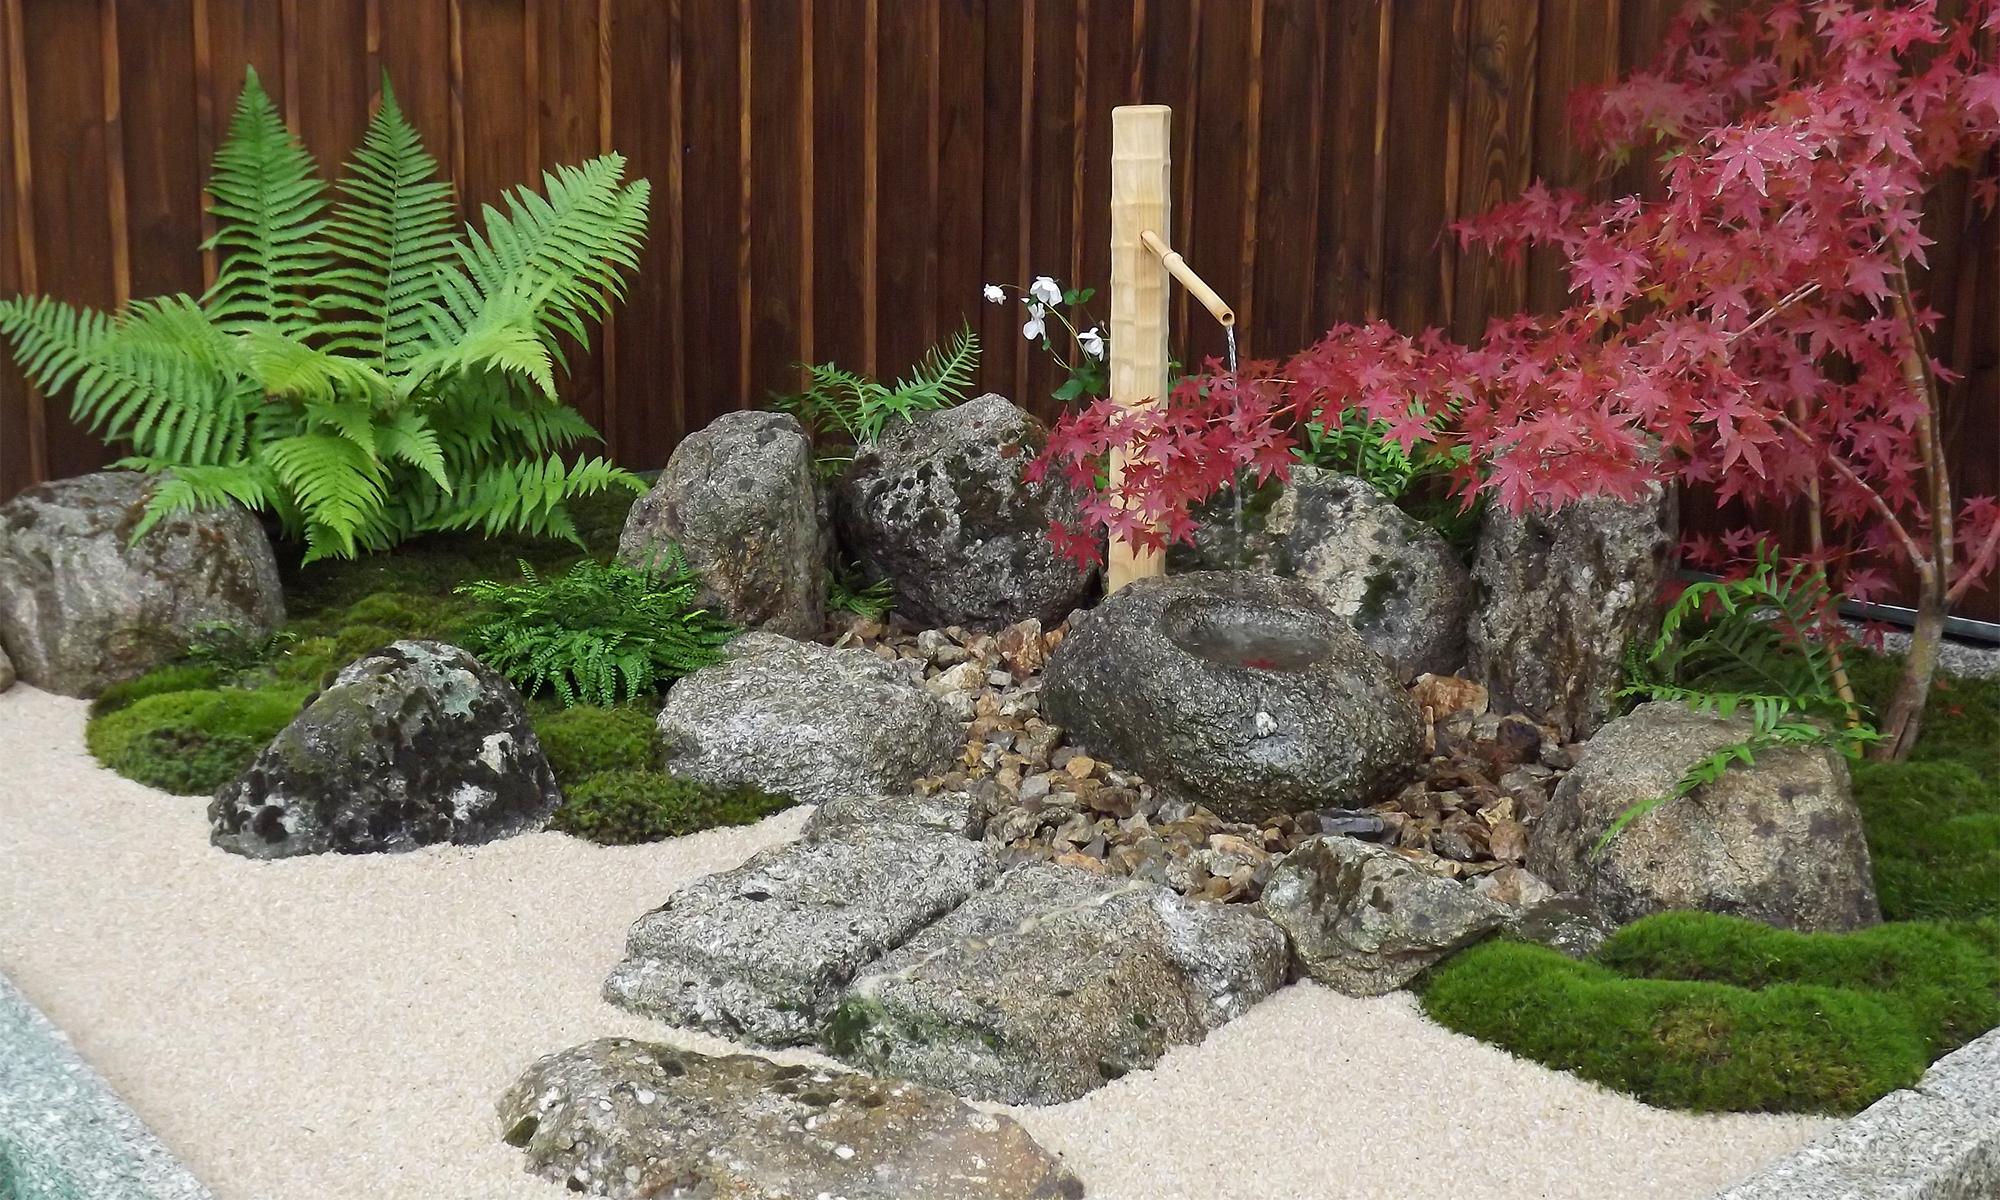 Metiers Et Reconversions Professionnelles 'nature' - Le Blog ... destiné Créer Jardin Japonais Facile